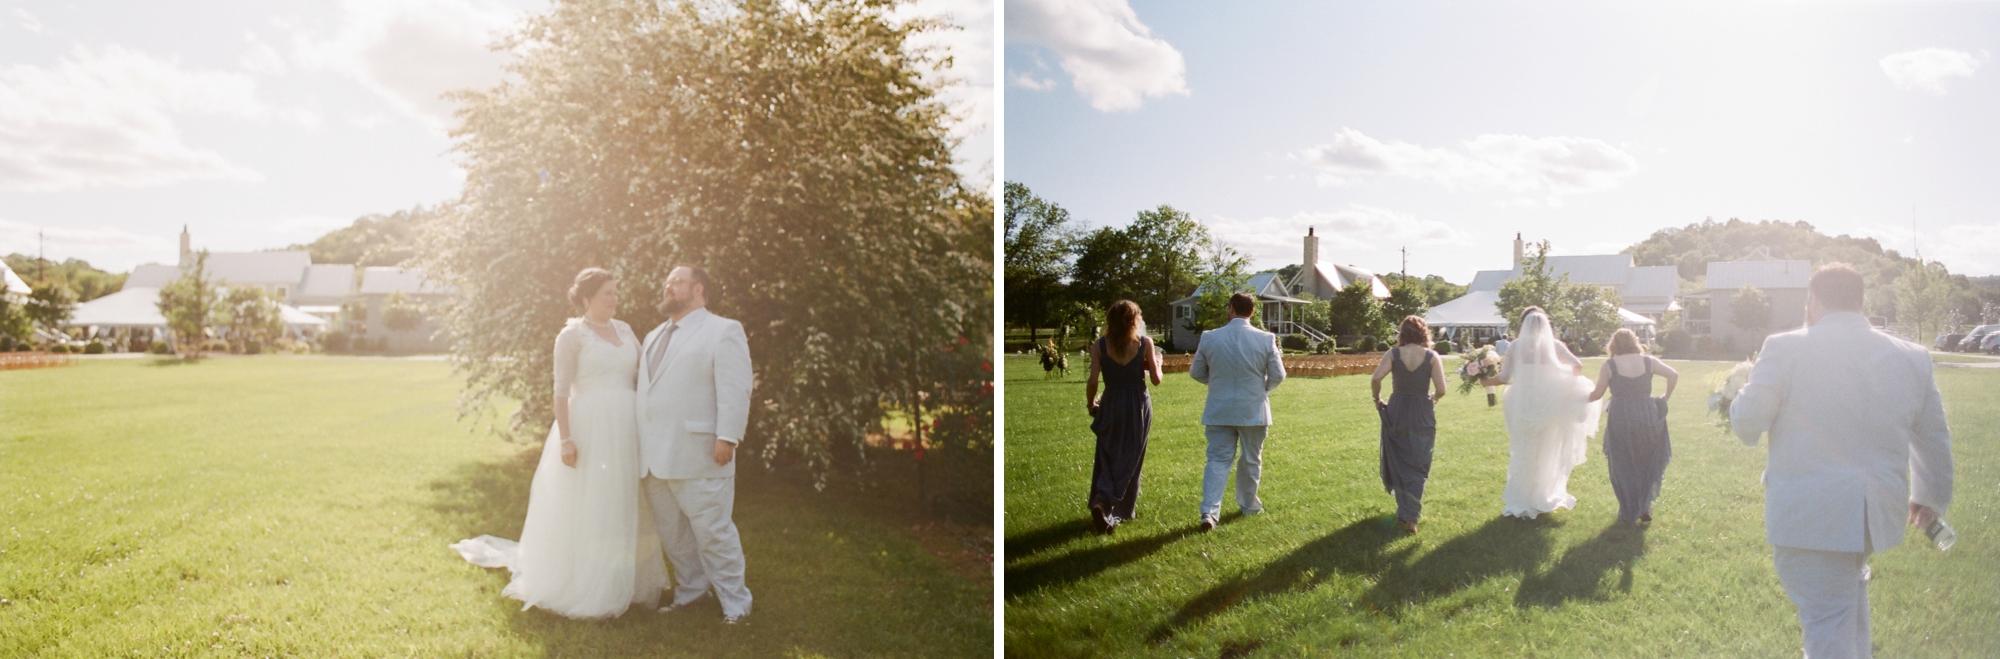 nashville wedding photographer_0022